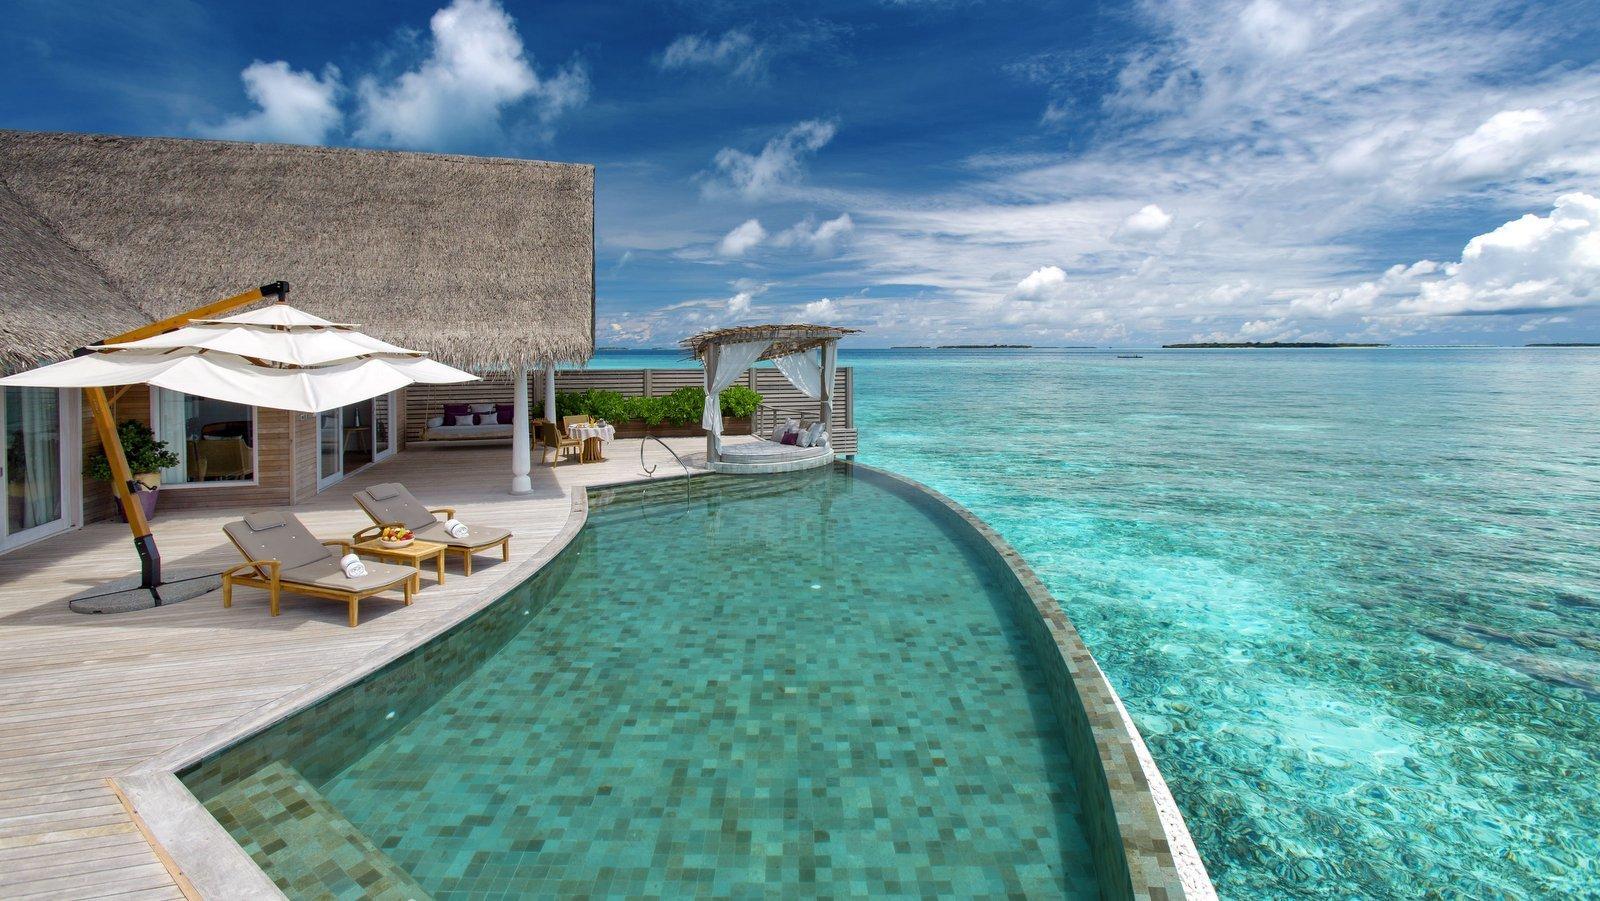 Мальдивы, отель Milaidhoo Island Maldives, номер Ocean Residence